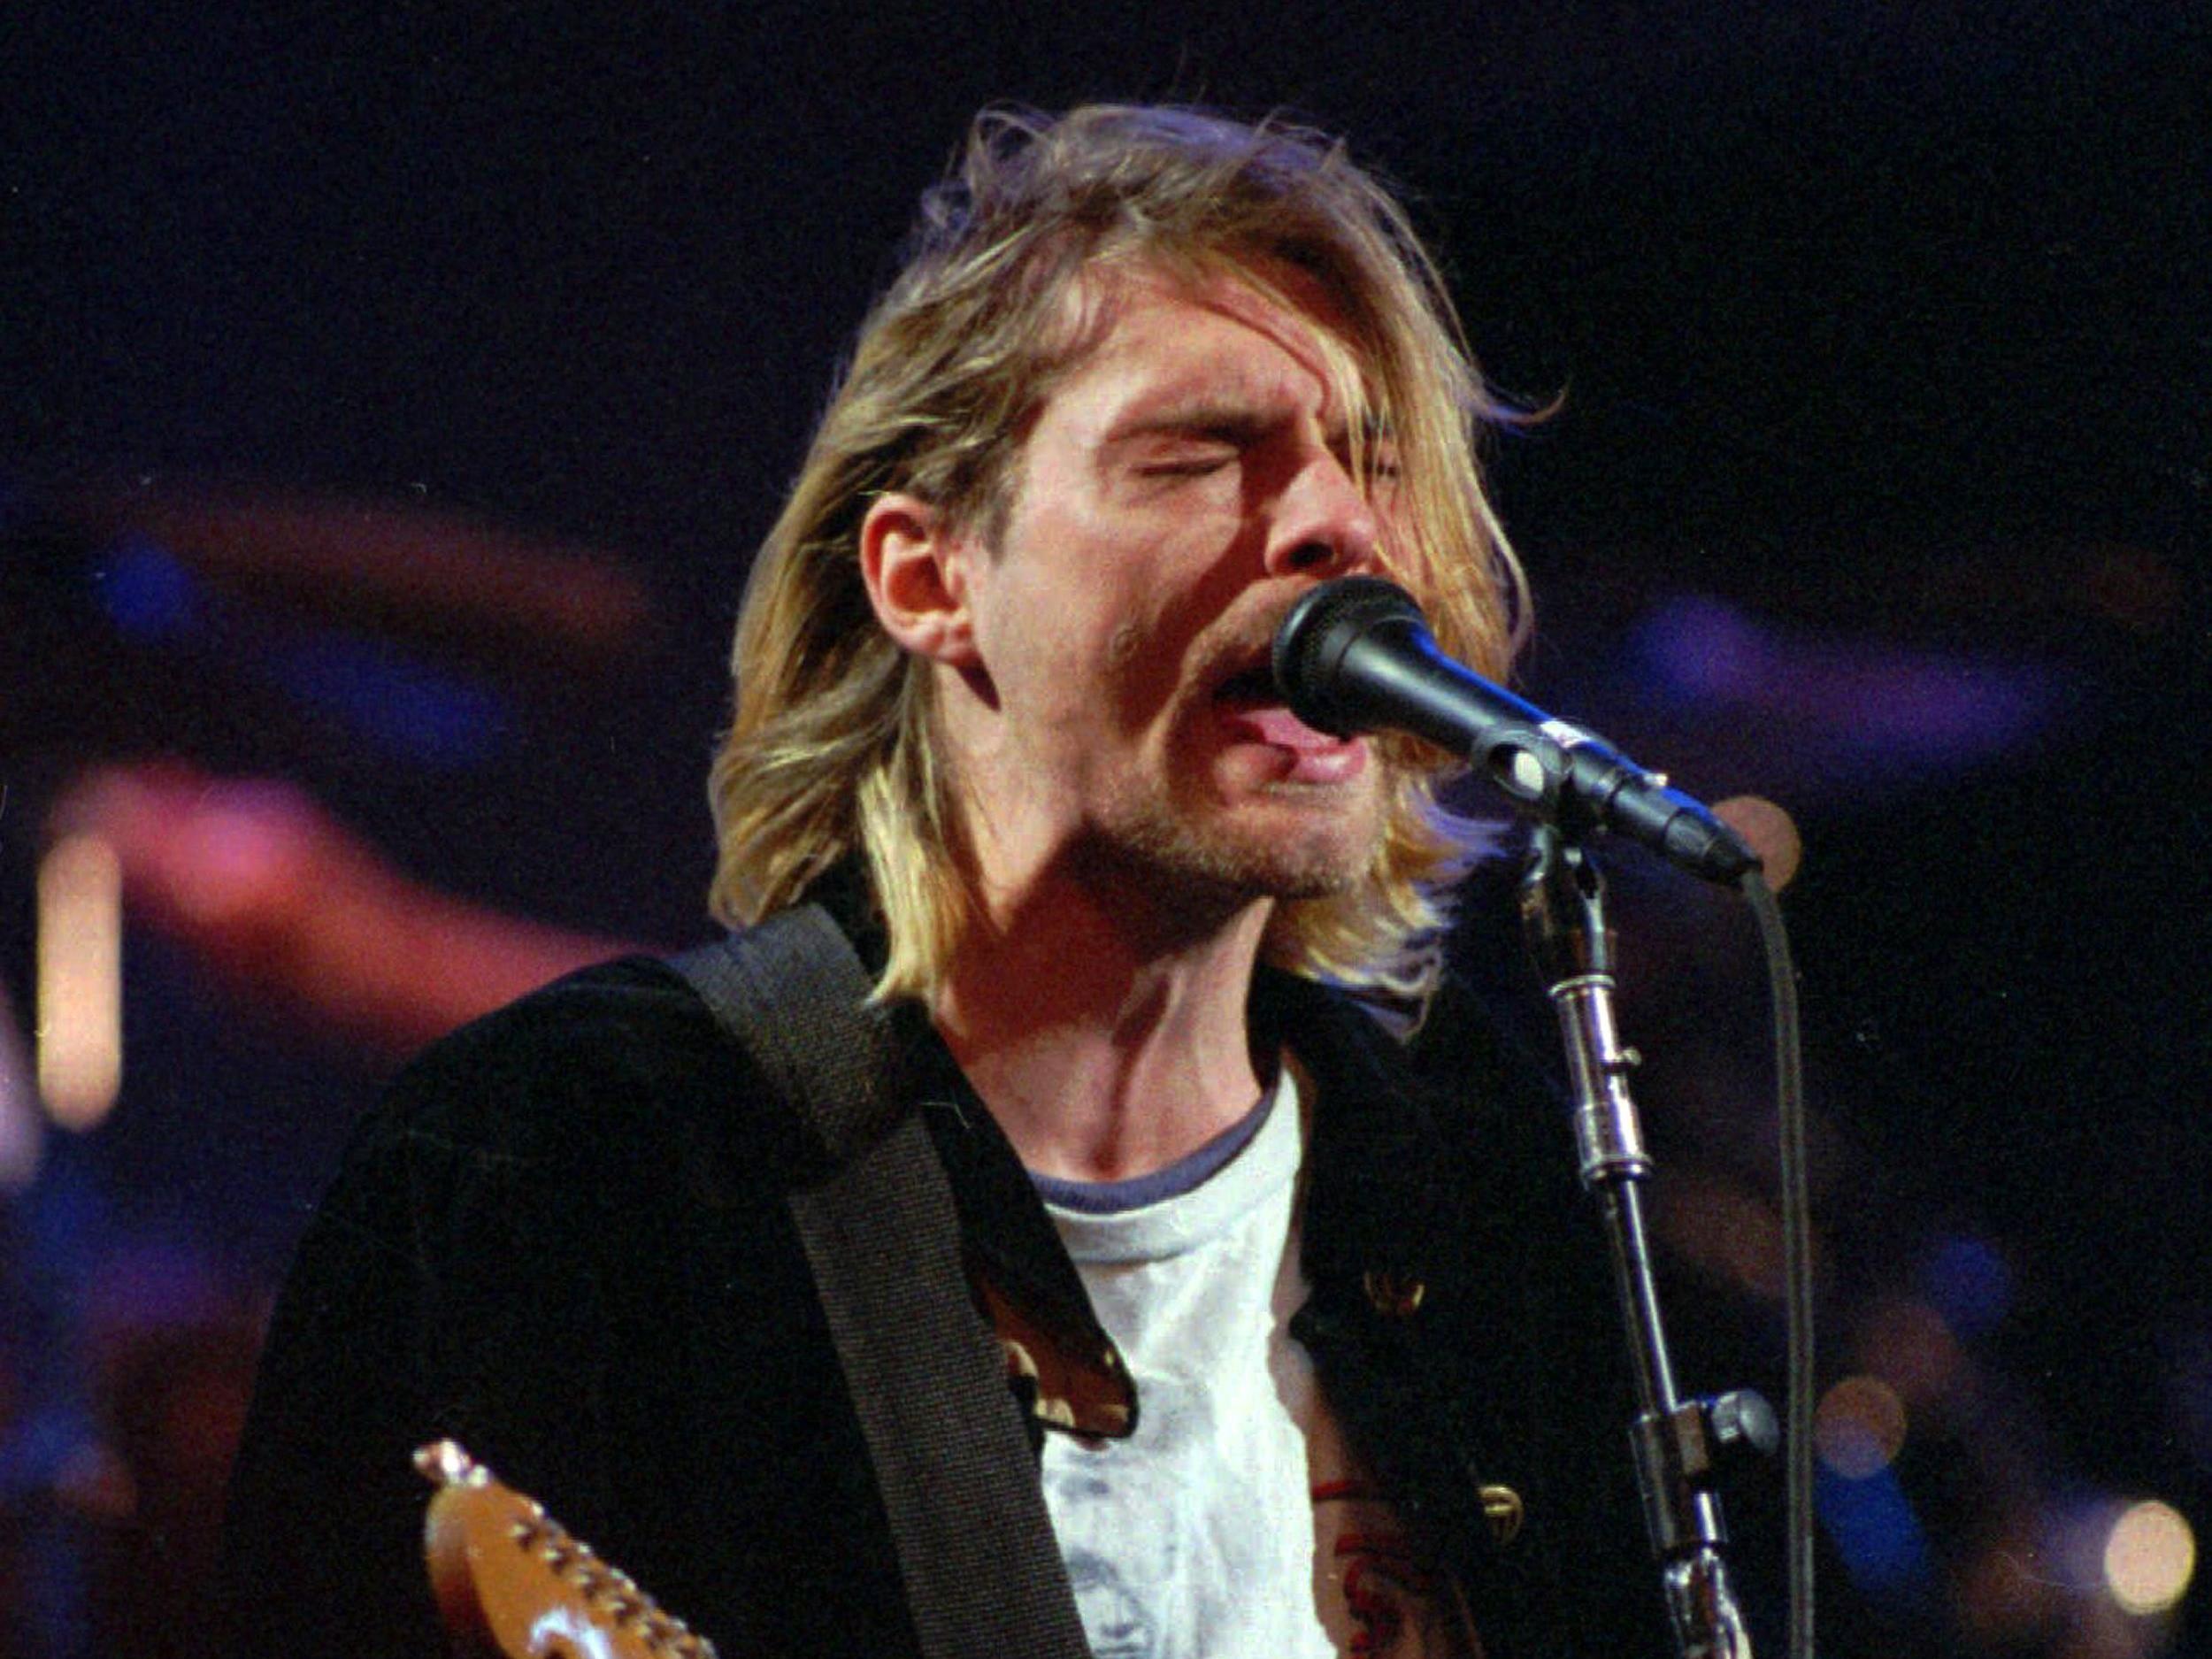 Heute wäre Kurt Cobain 50 geworden.